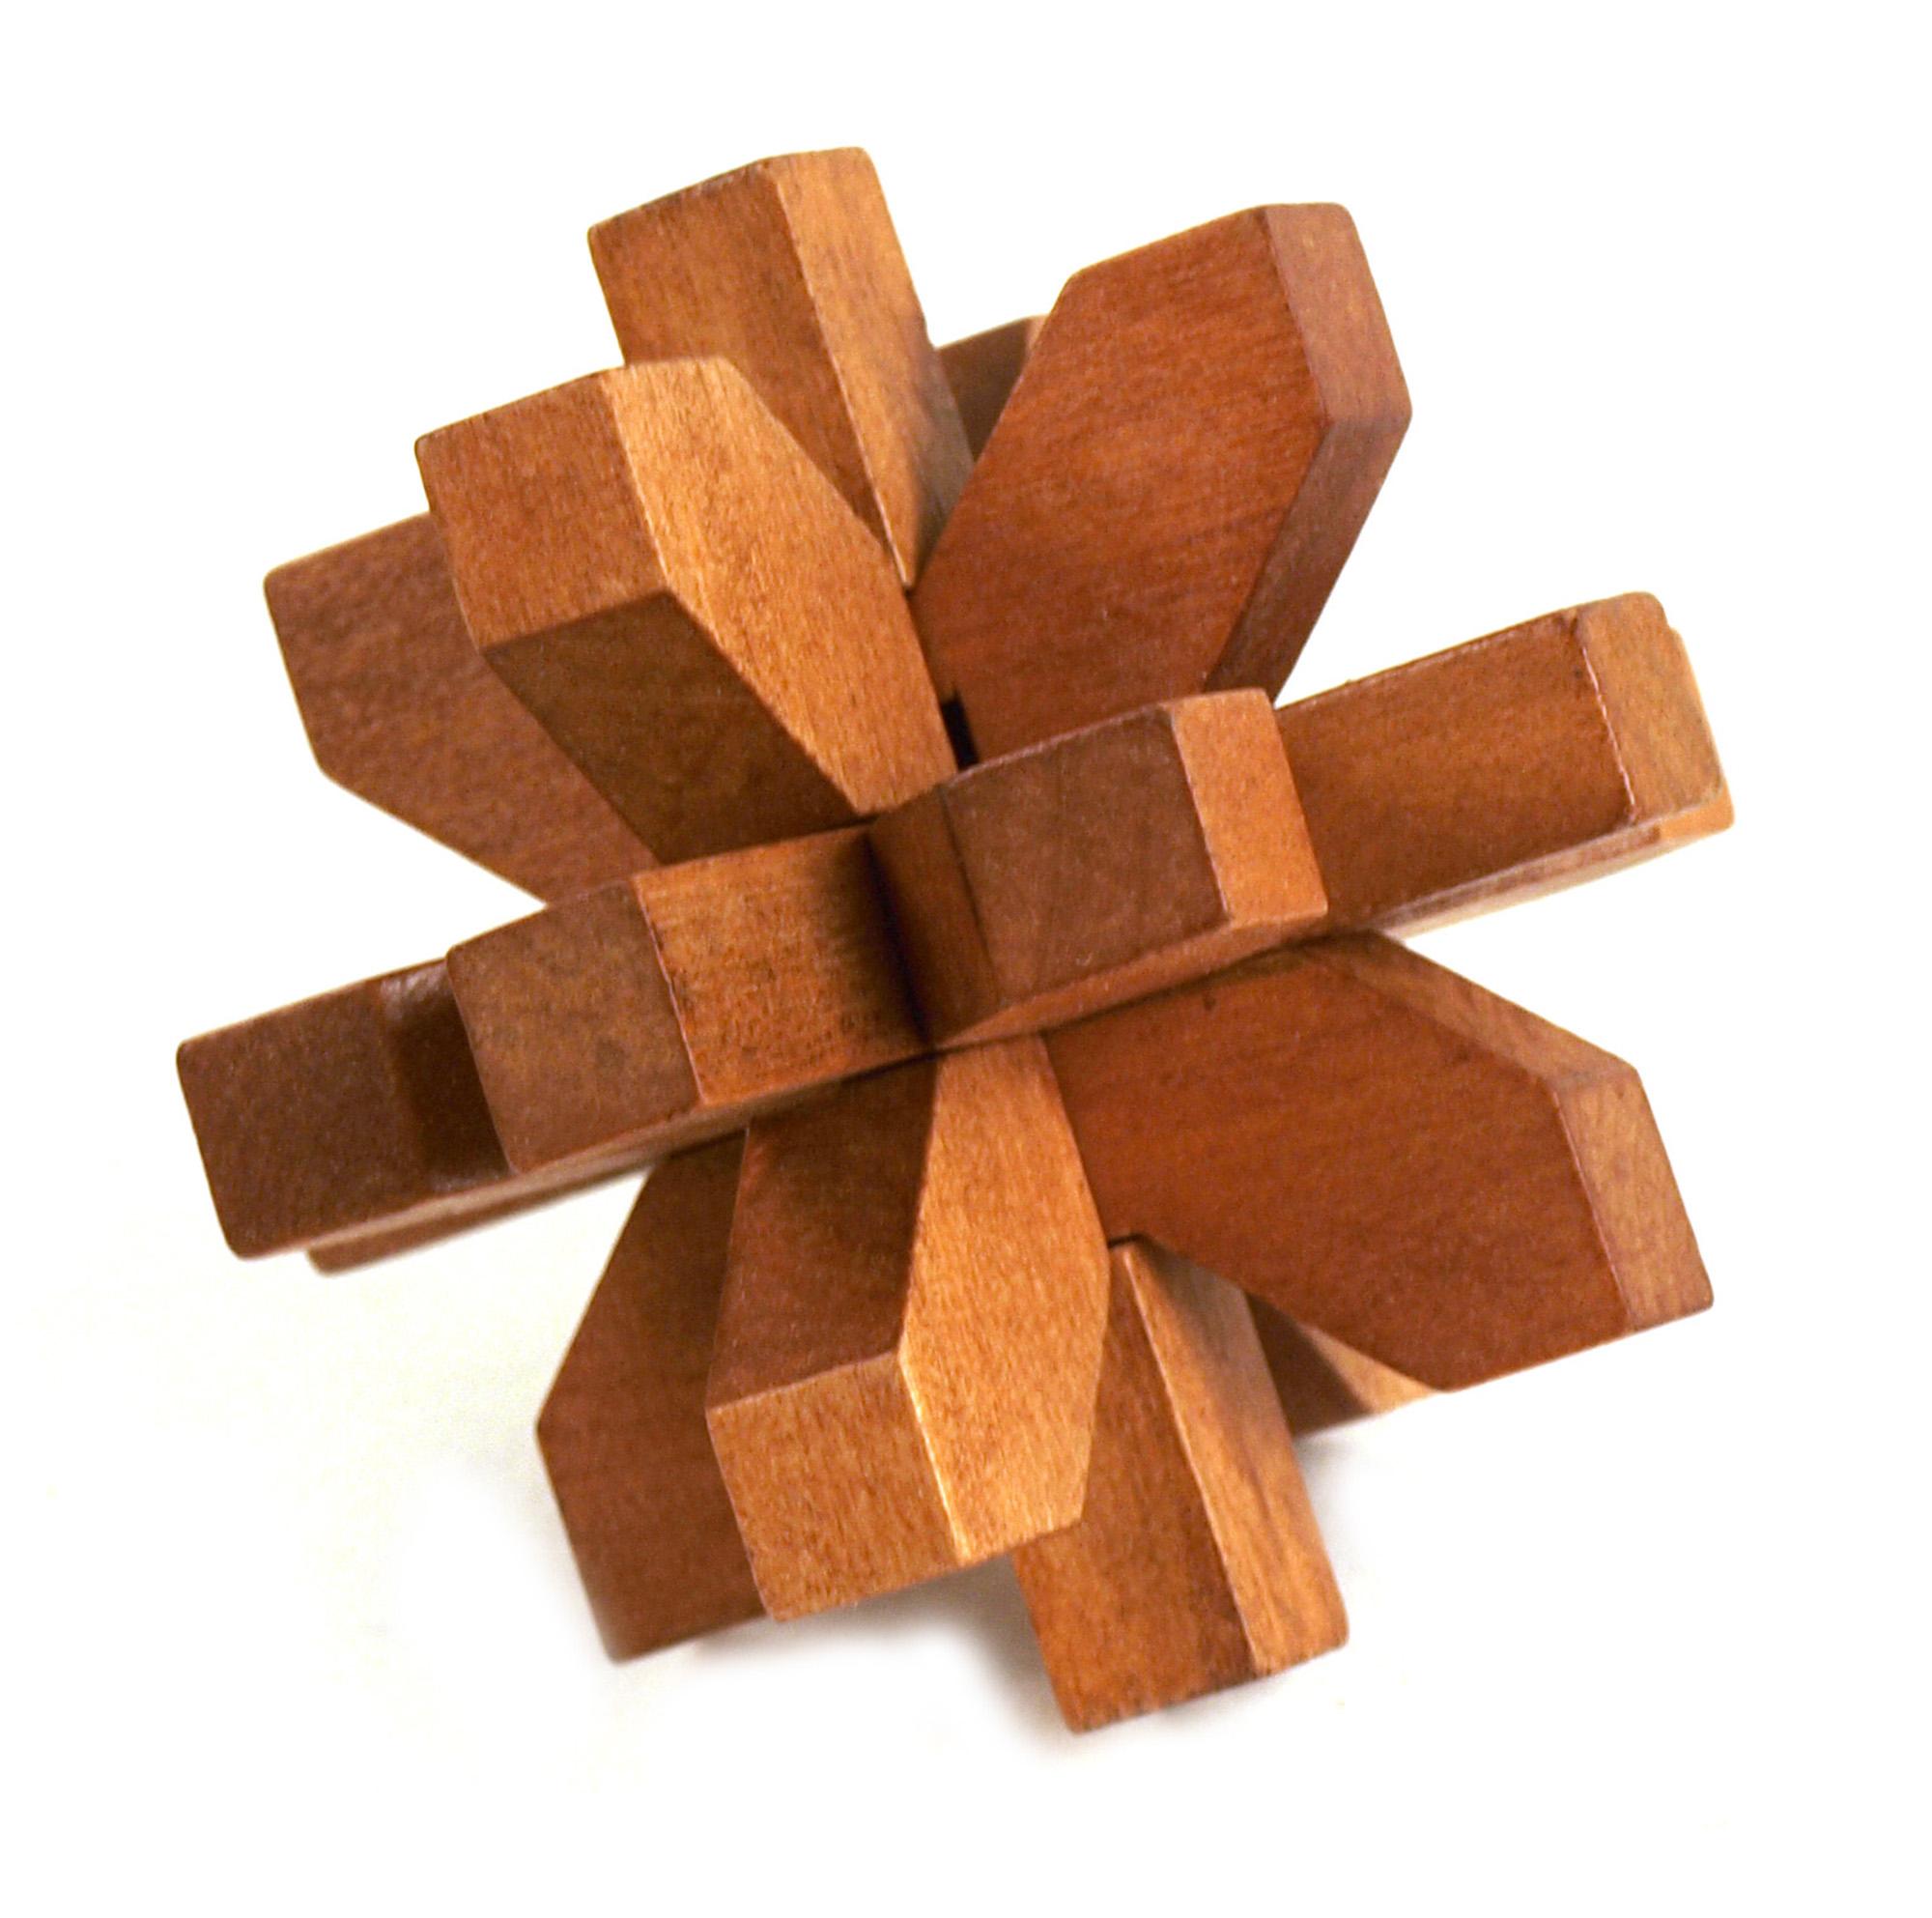 3D Wood Puzzle - Snowflake | Pink Cat Shop